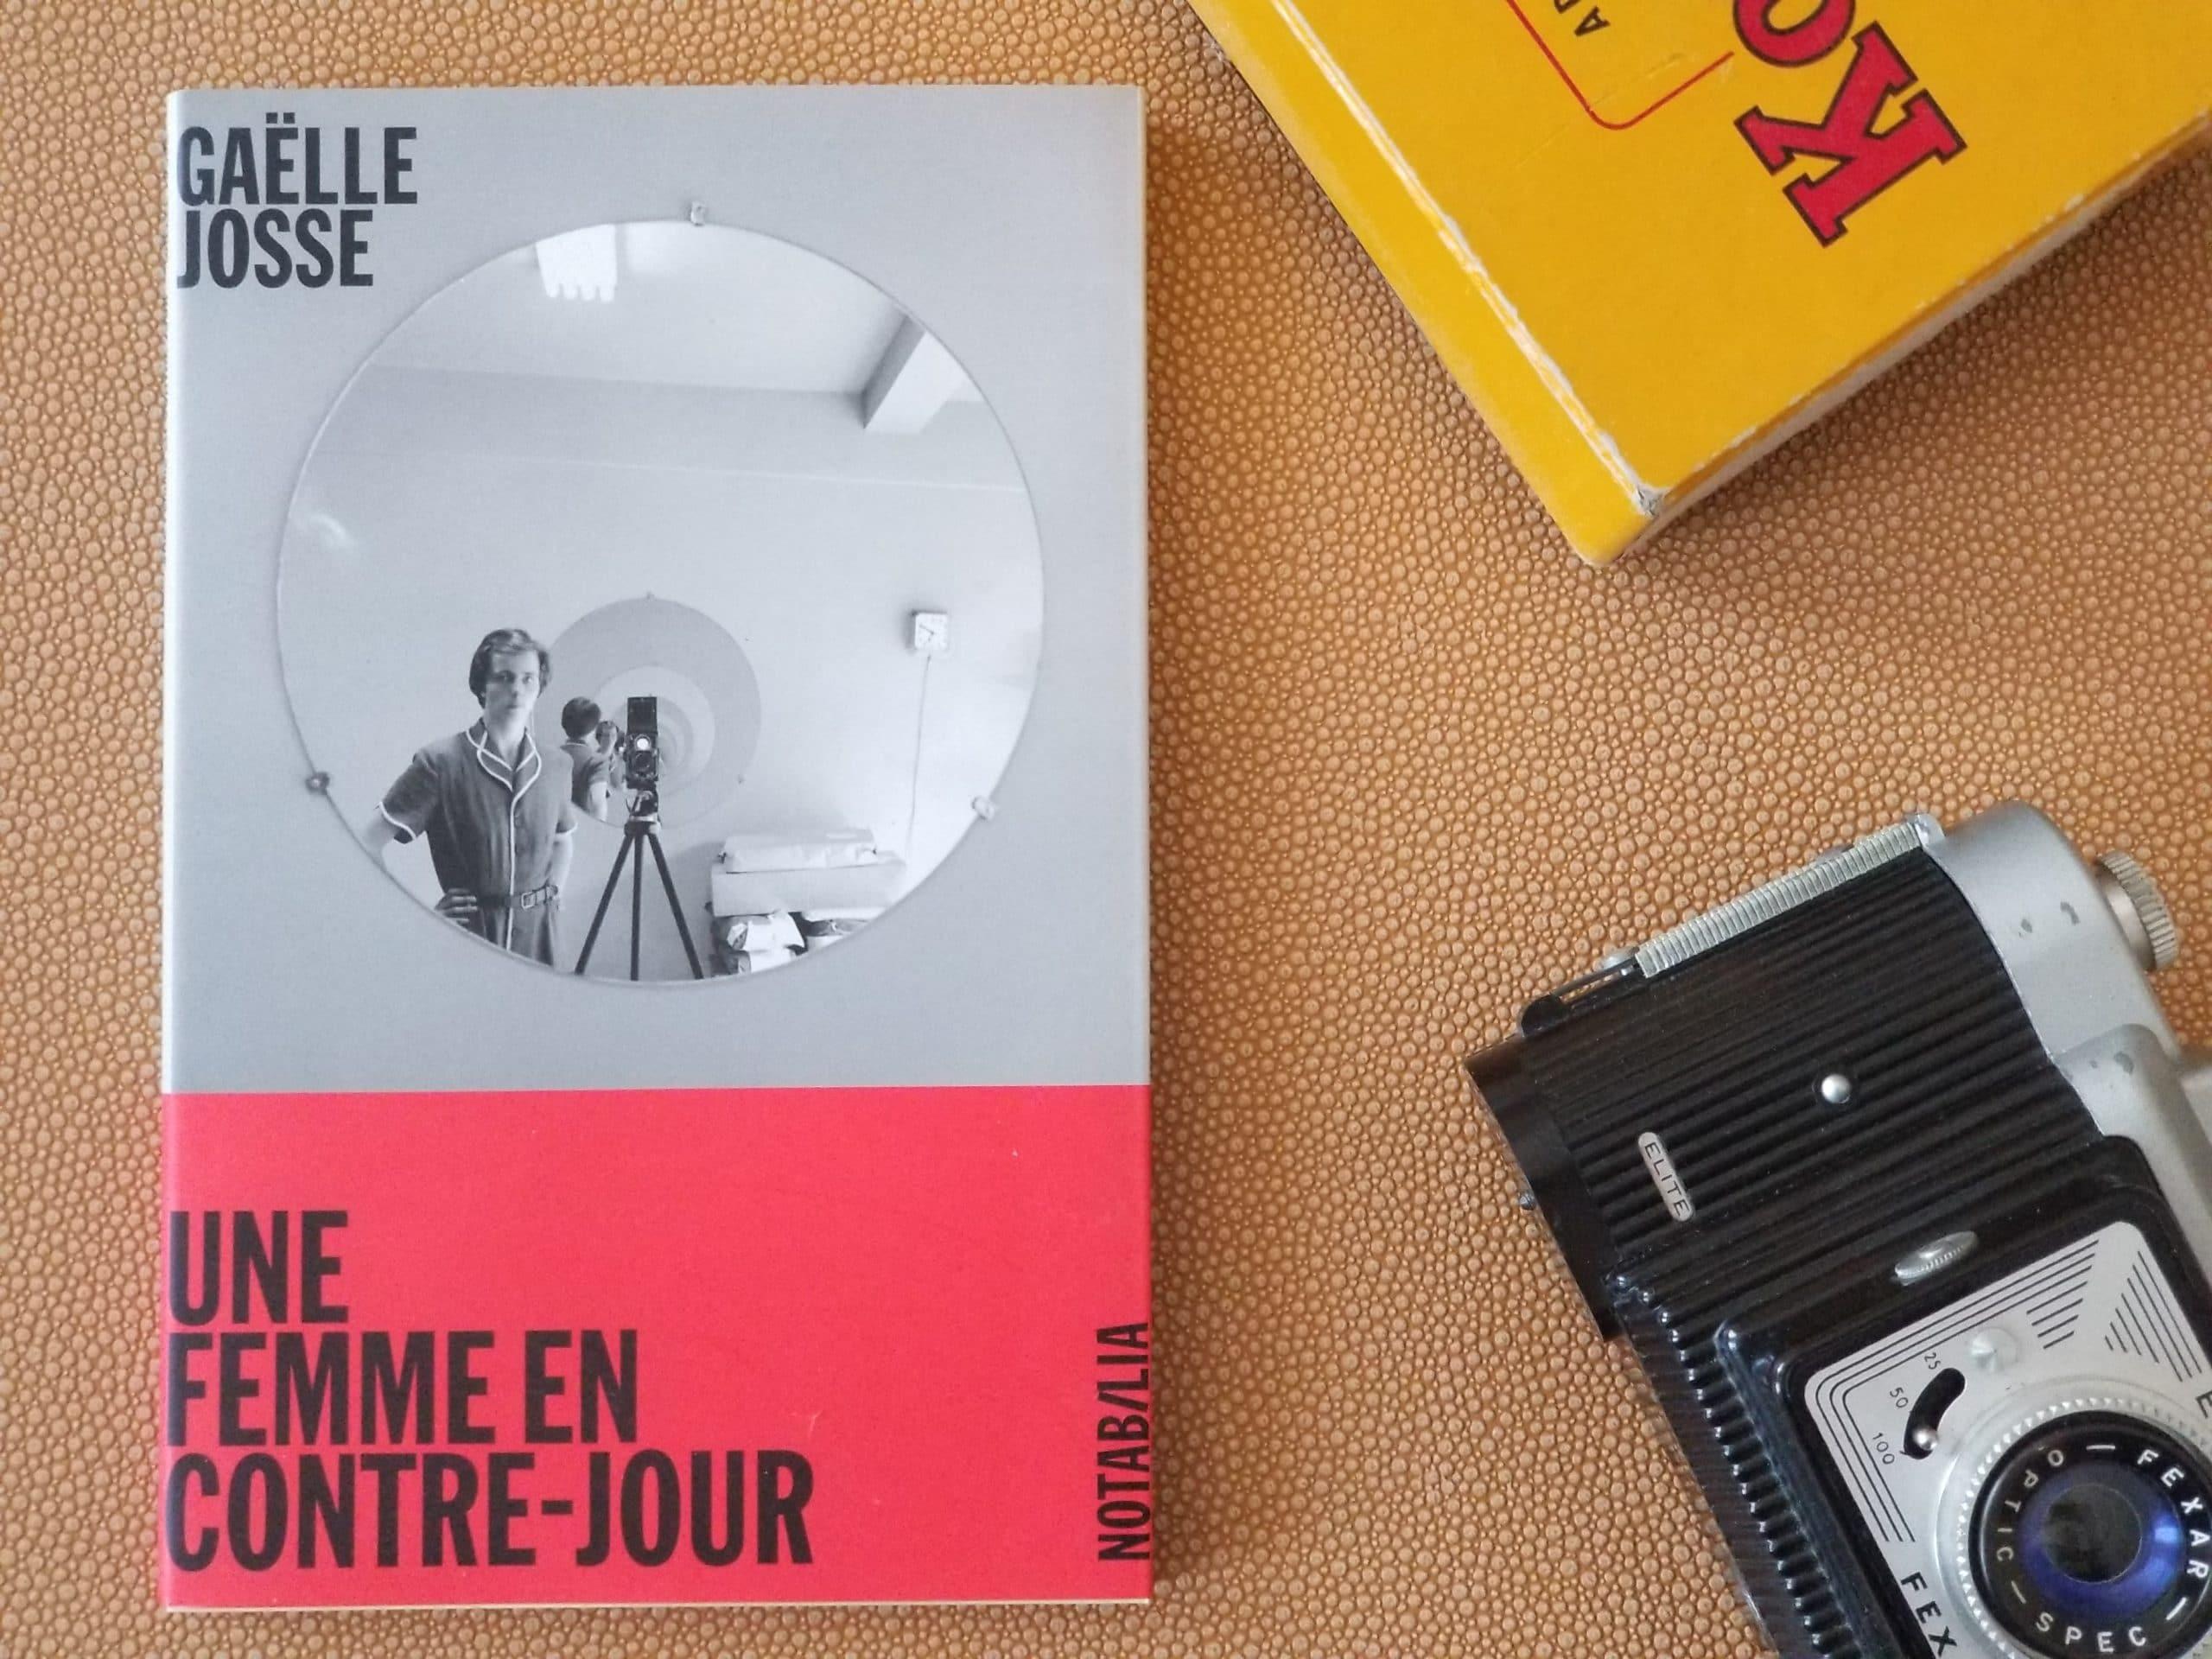 Gaelle Josse - Une femme en contre-jour - Blog littéraire livresalire